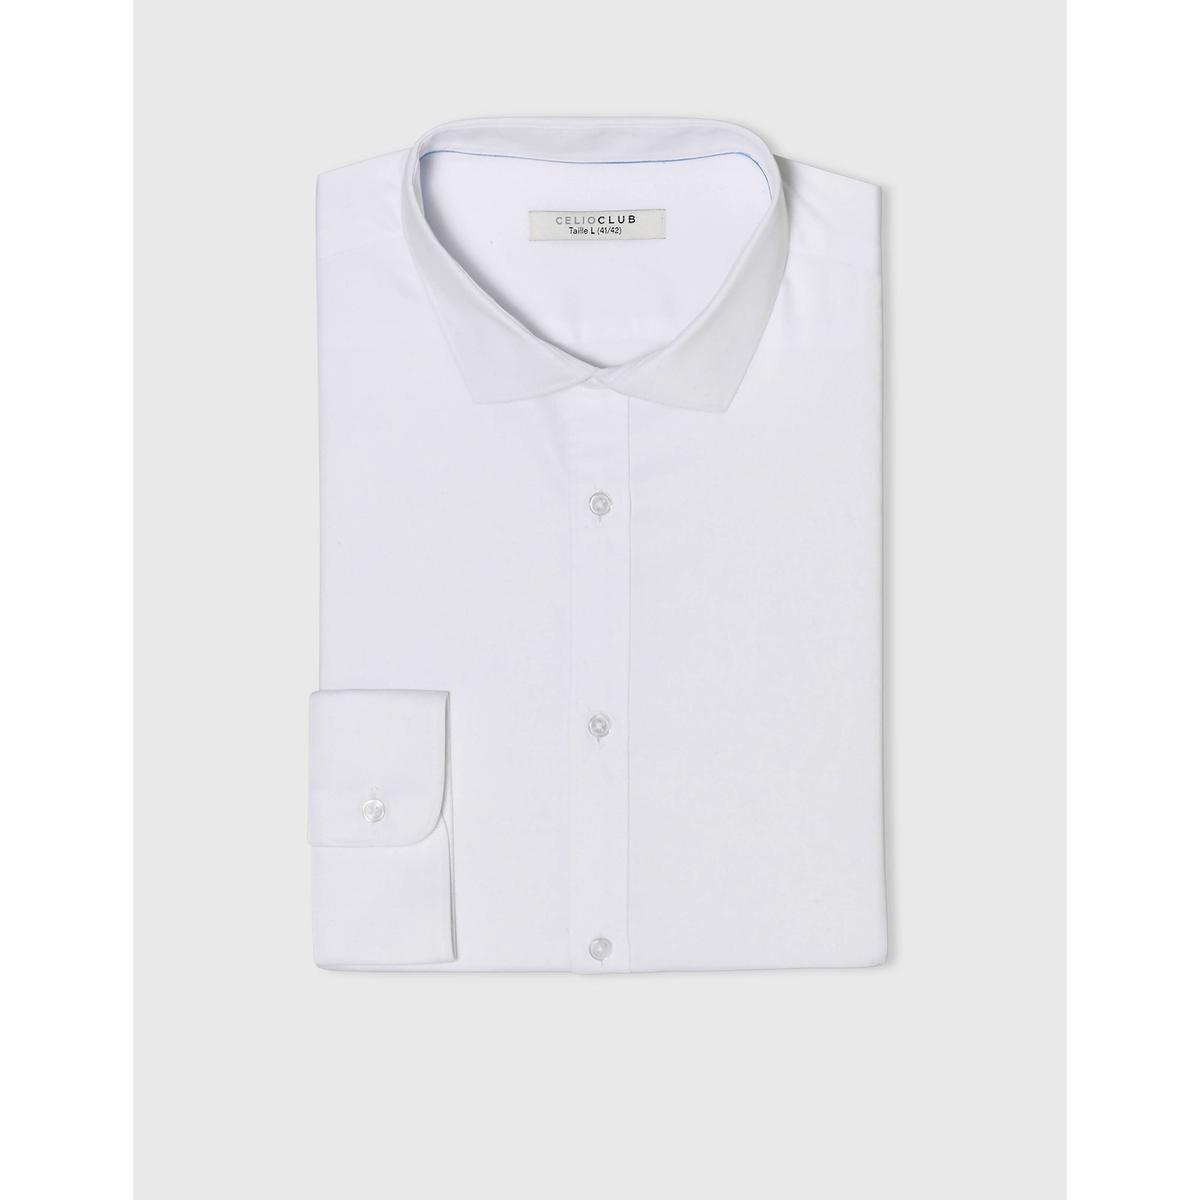 Рубашка SharaniРубашка с длинными рукавами SHARANI - CELIO. Прямой покрой (ровный), классический воротник со свободными уголками. Низ закруглённый, манжеты на пуговицах. Состав и описаниеМатериал: 100% хлопка.Марка: CELIO.<br><br>Цвет: белый,черный<br>Размер: S.XL.L.S.XL.M